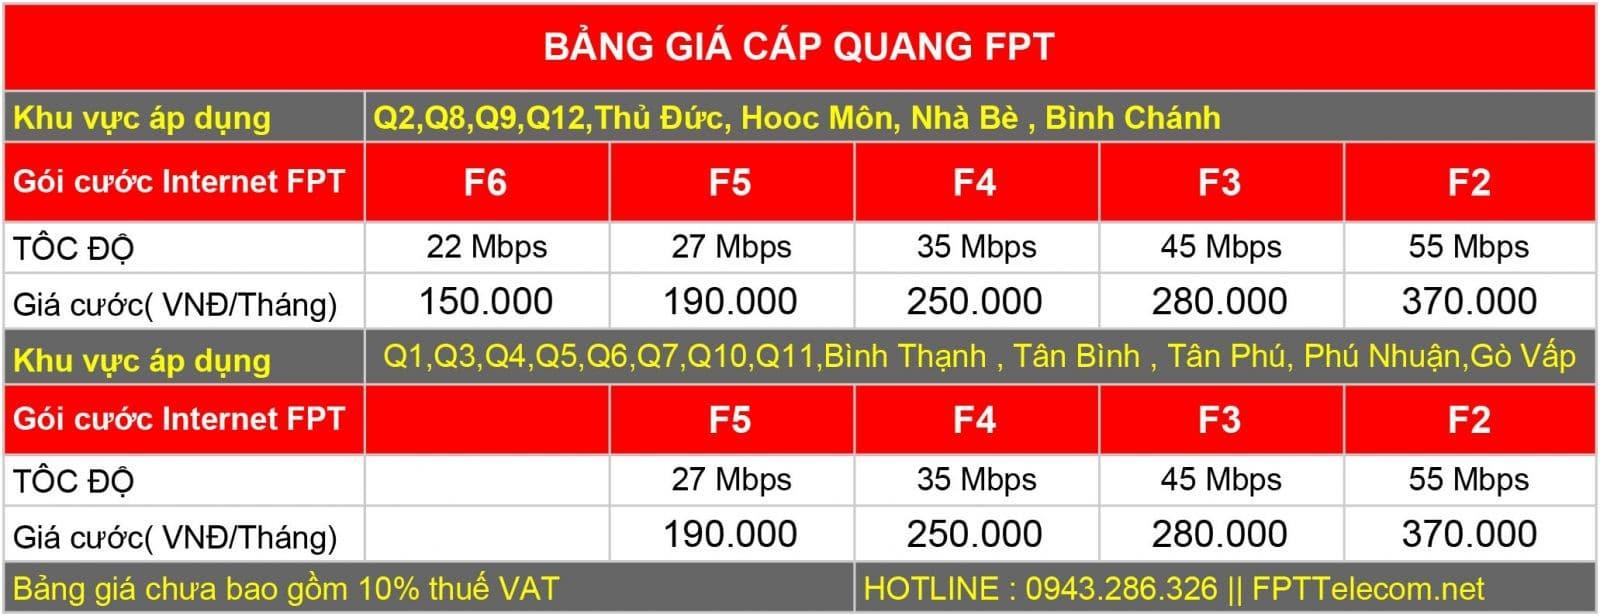 Bảng báo giá internet cáp quang FPT Thành phố Hồ Chí Minh